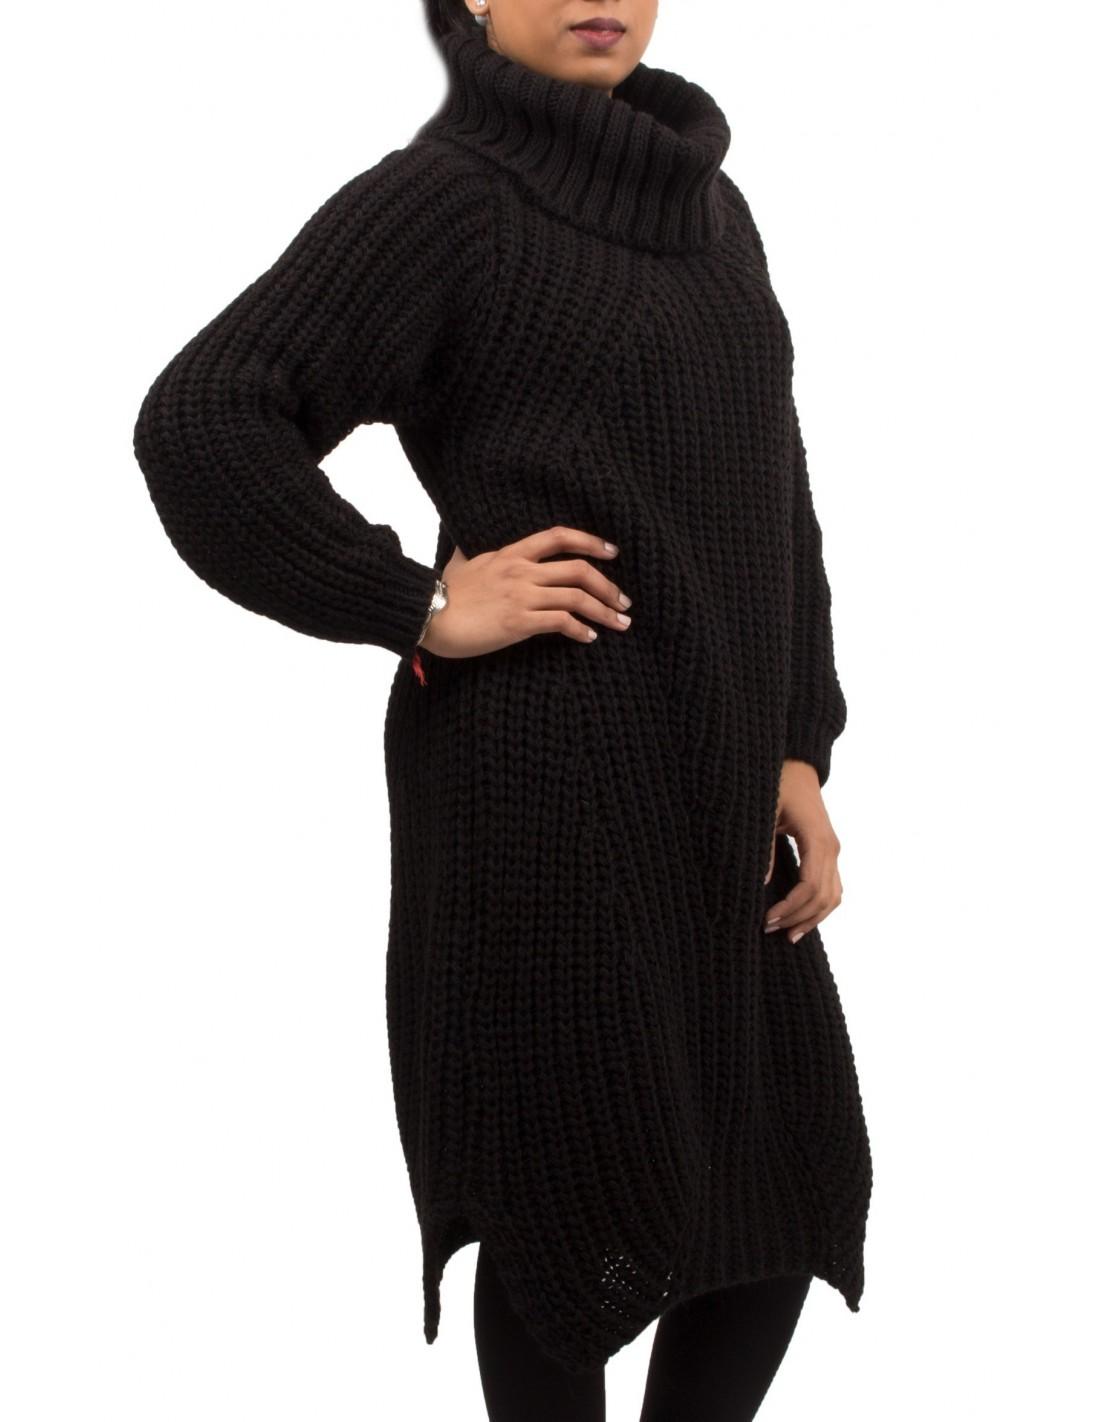 ffe14ff67d73 Robe laine noire col roule – Modèles populaires de robes